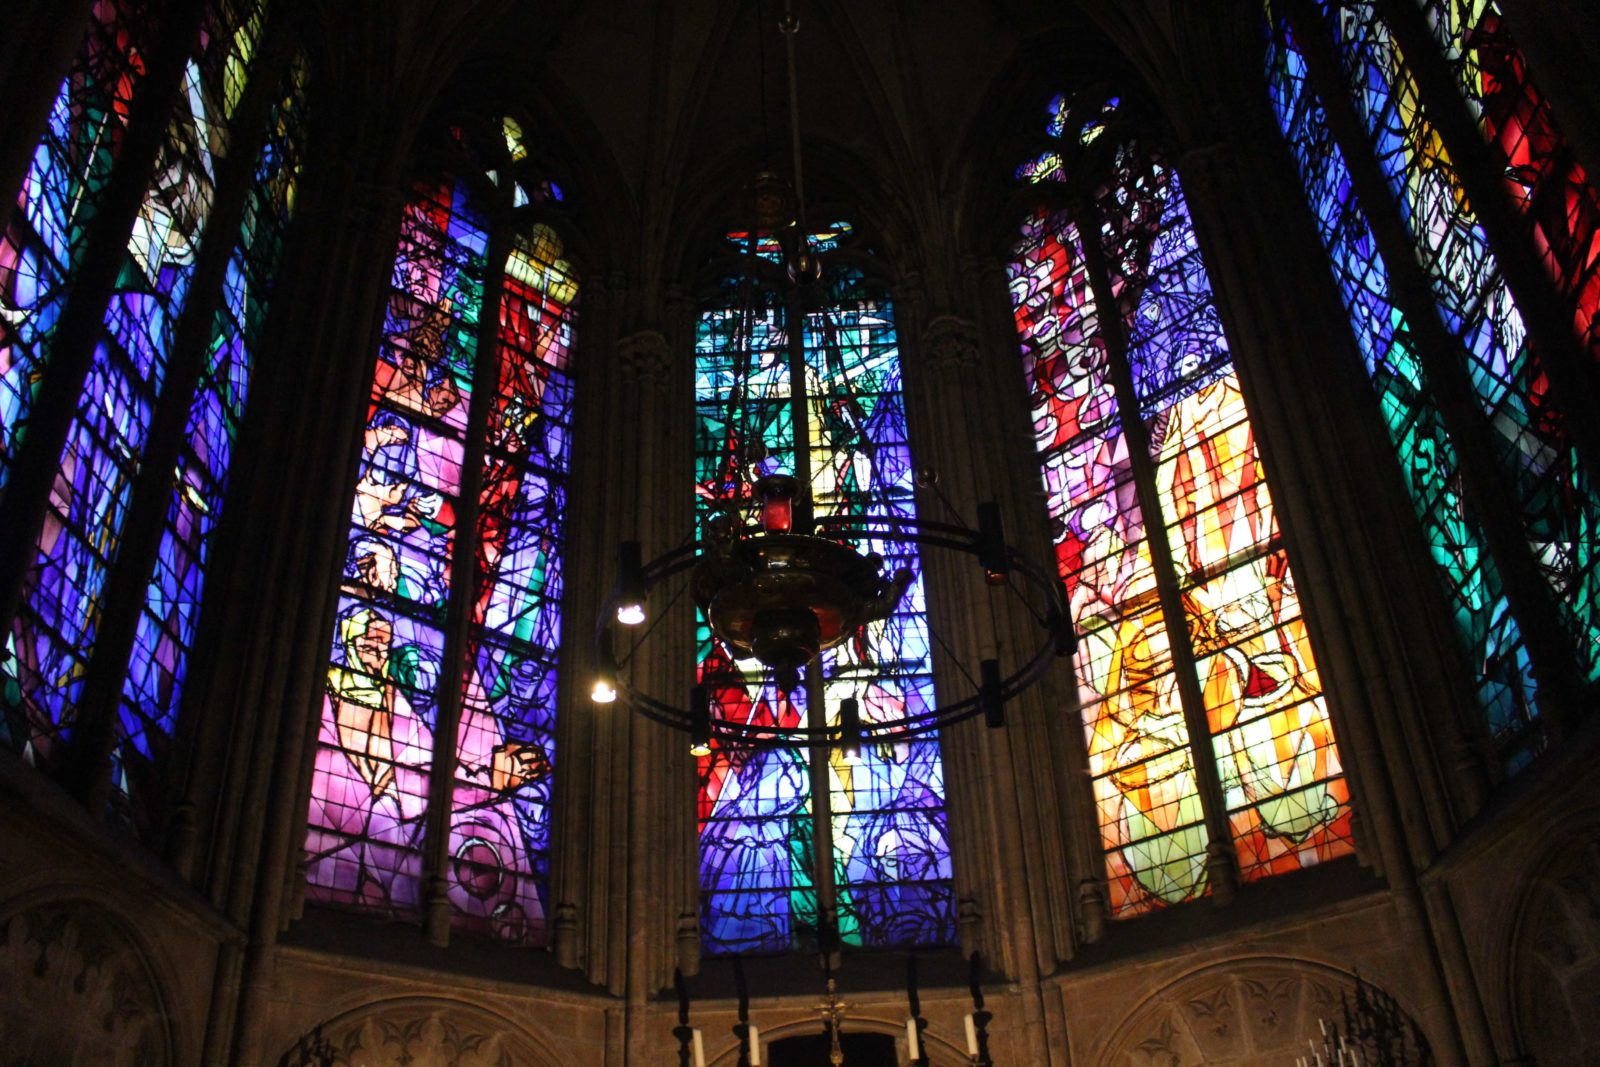 Metz cathédrale vitraux Villon